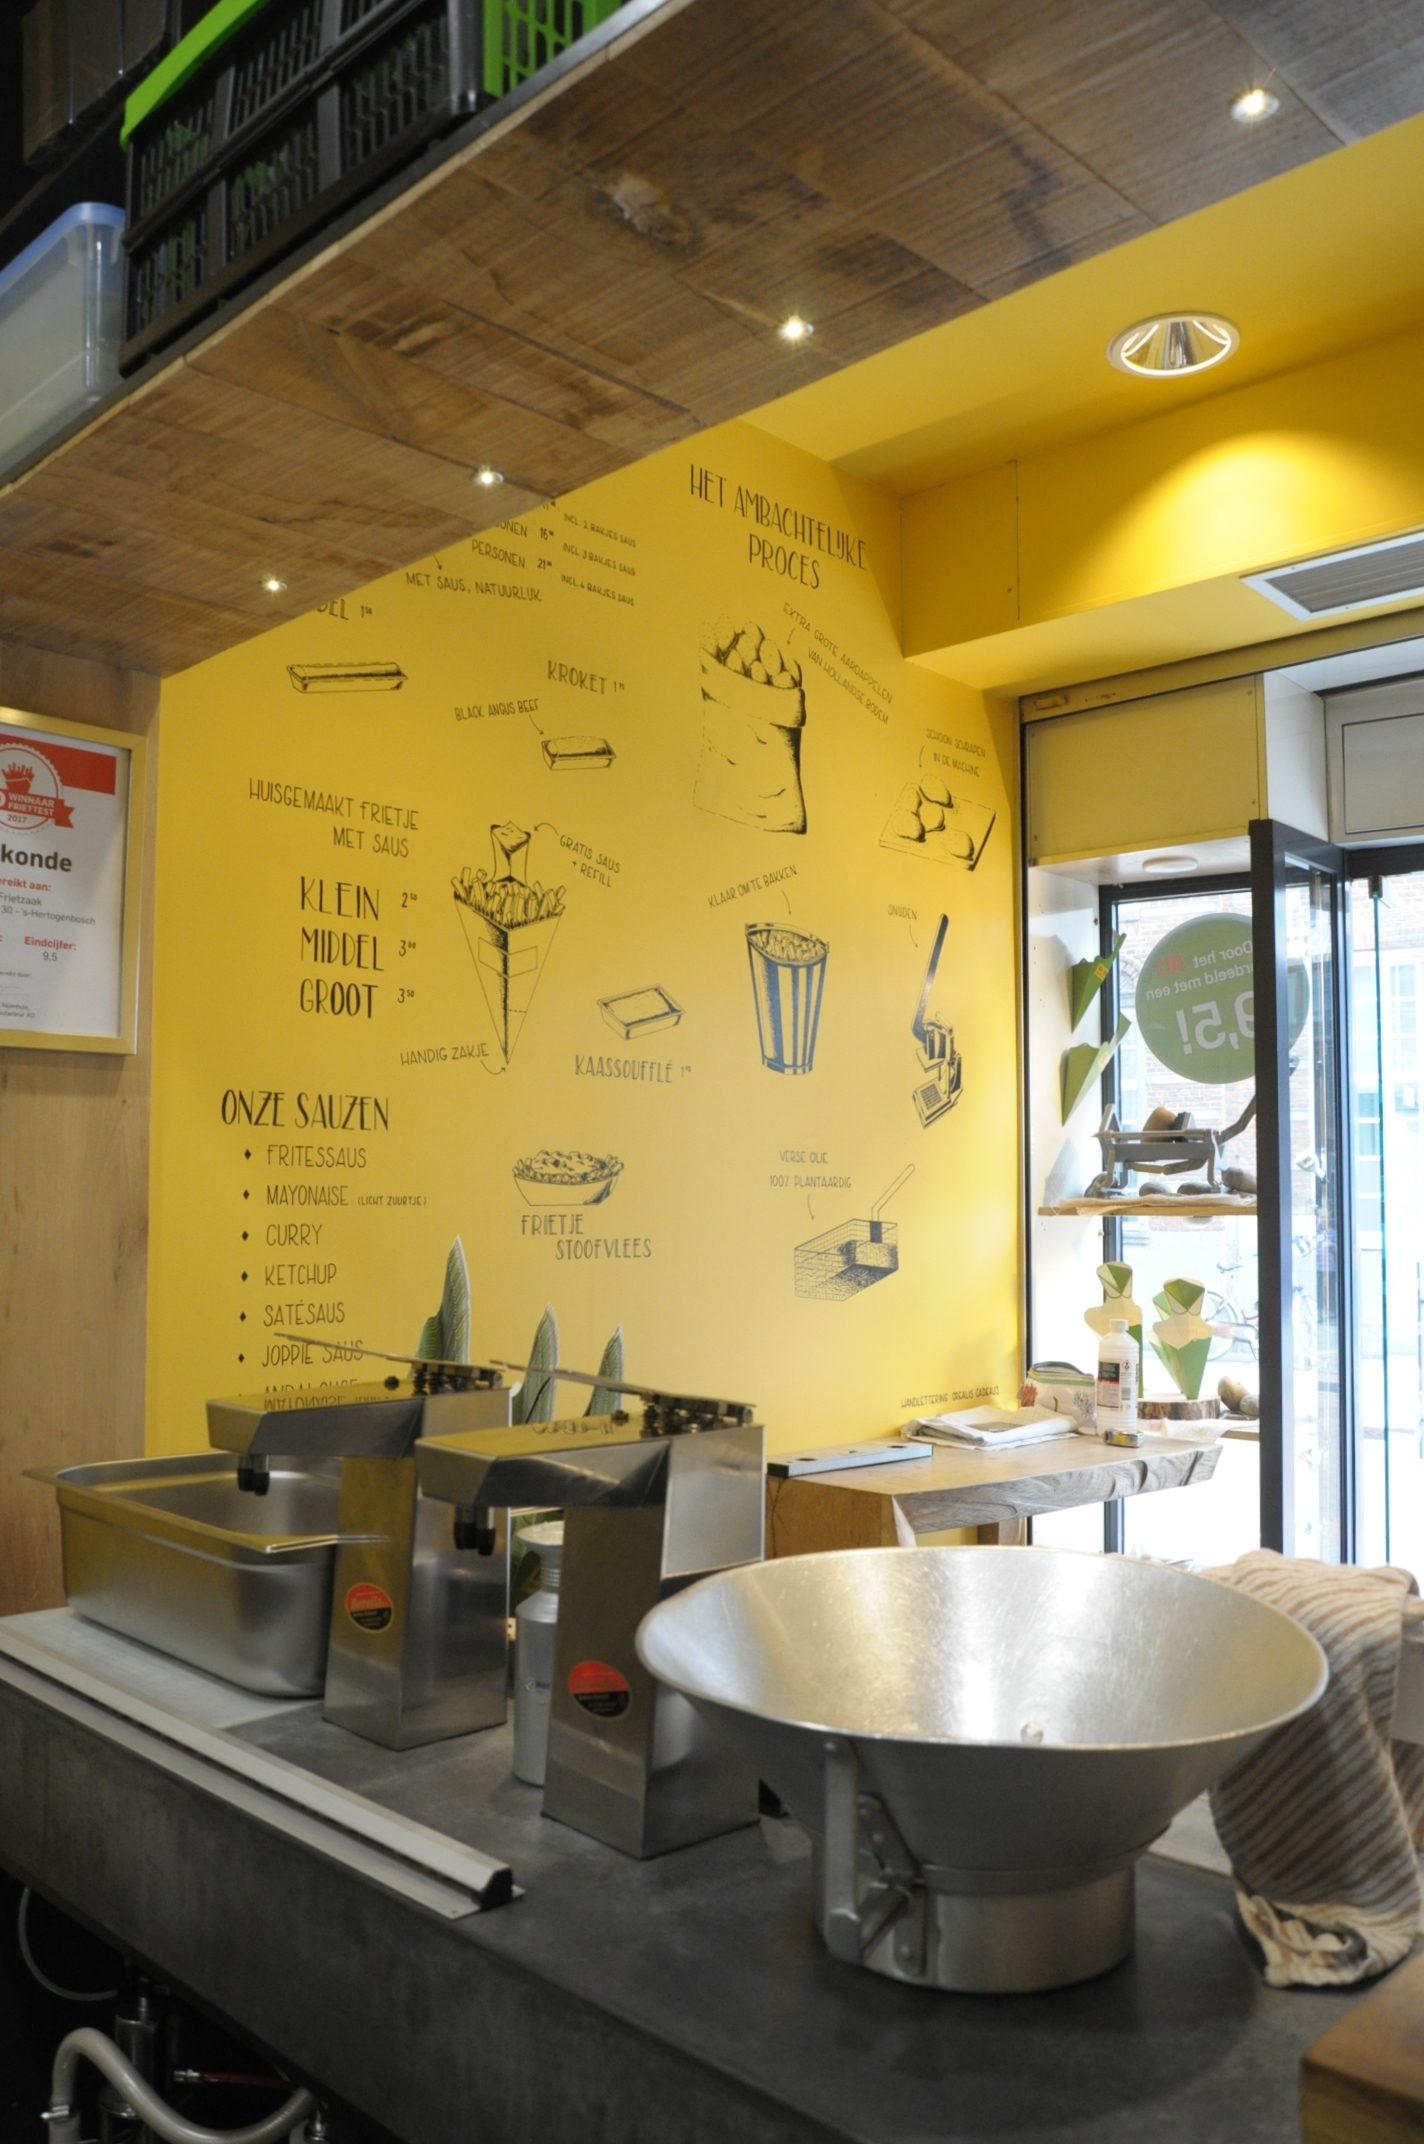 Muurtekening De Frietzaak - Den Bosch